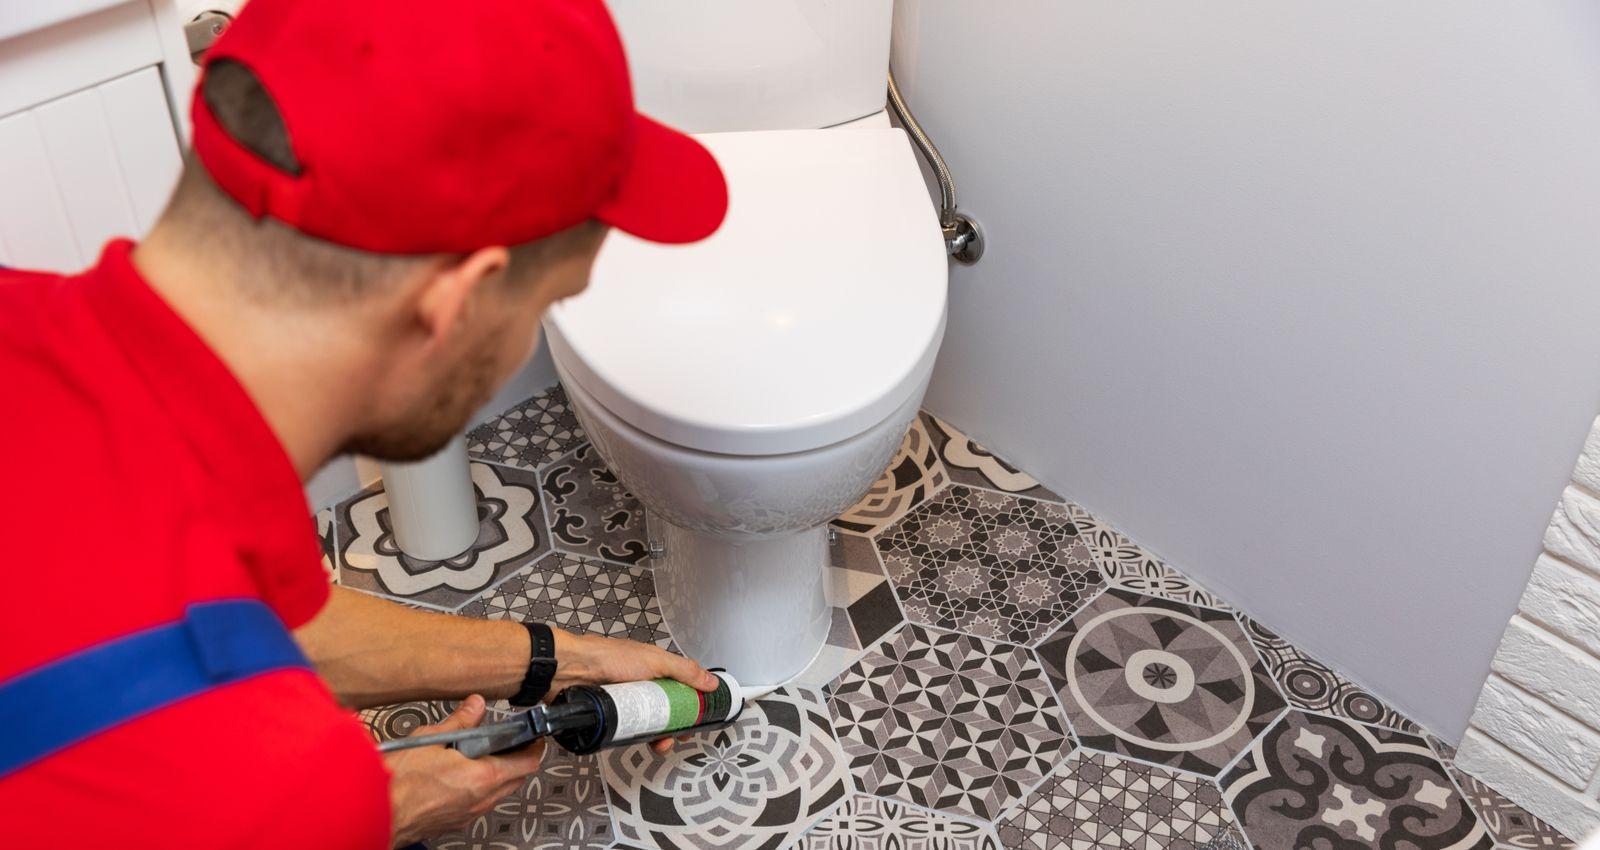 Comment Remplacer Changer Renover Des Toilettes Ou Wc Prix Cout Devis